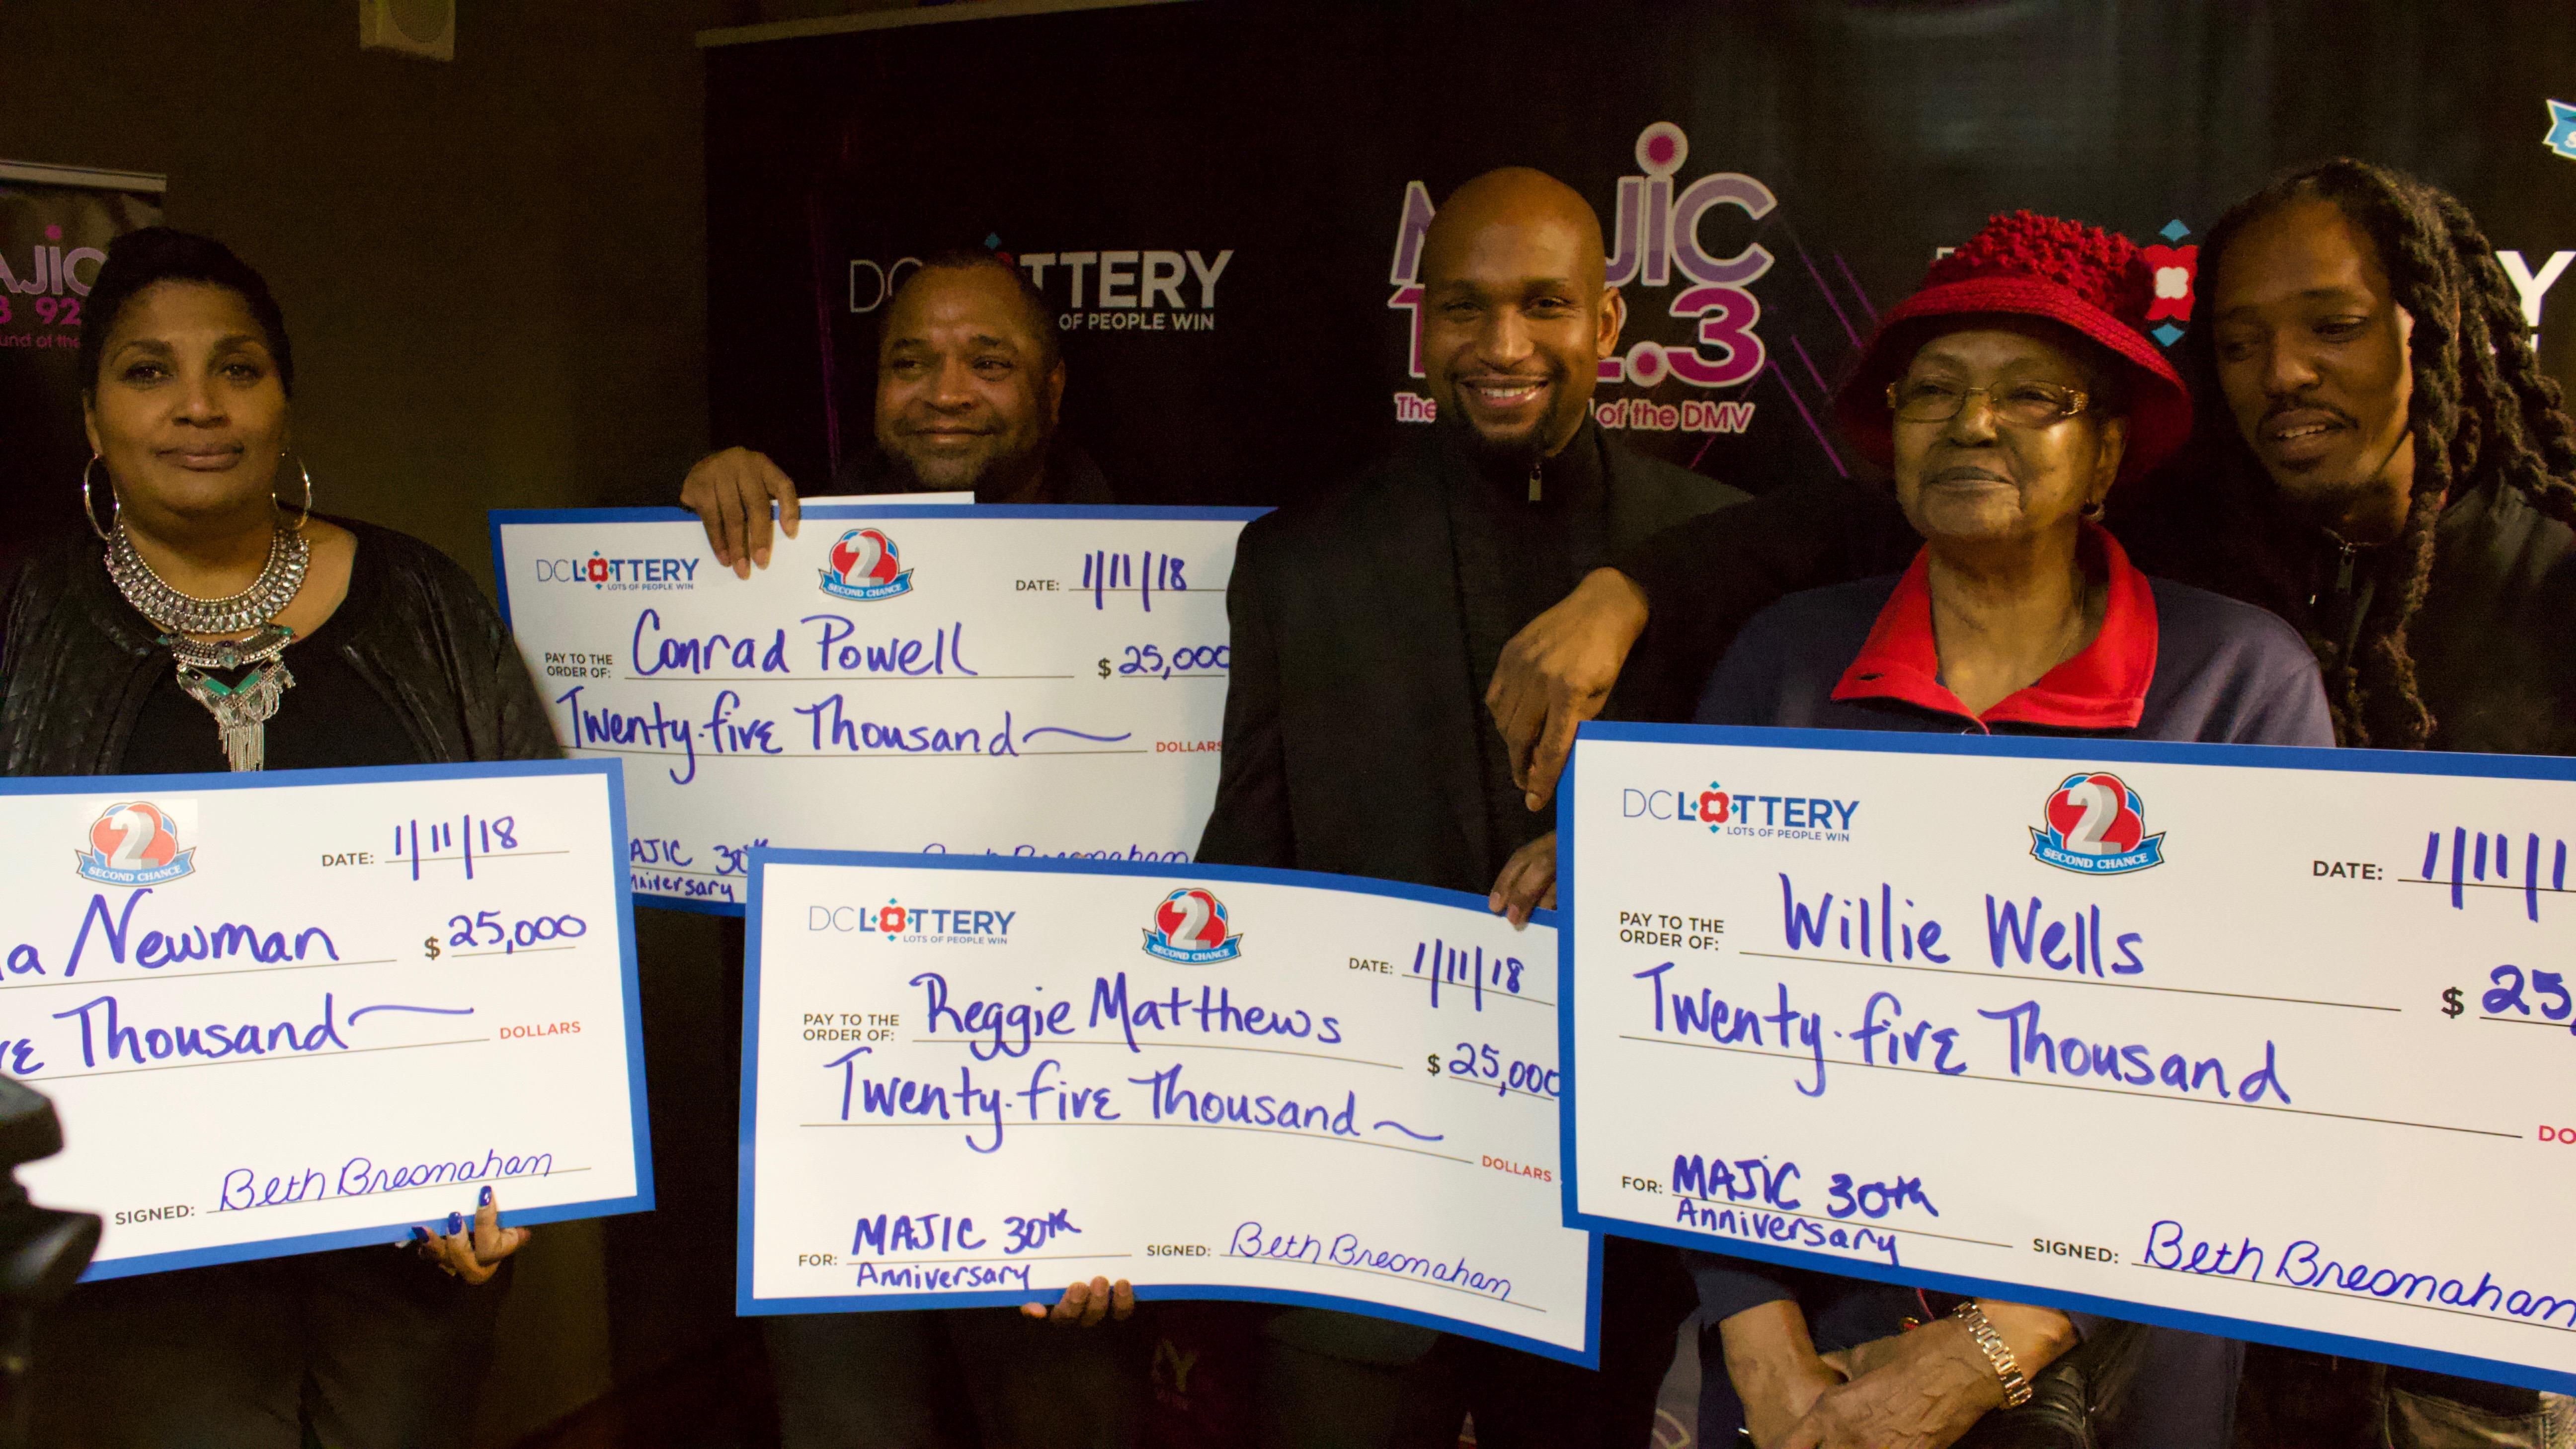 Majic D.C/D.C. Lottery